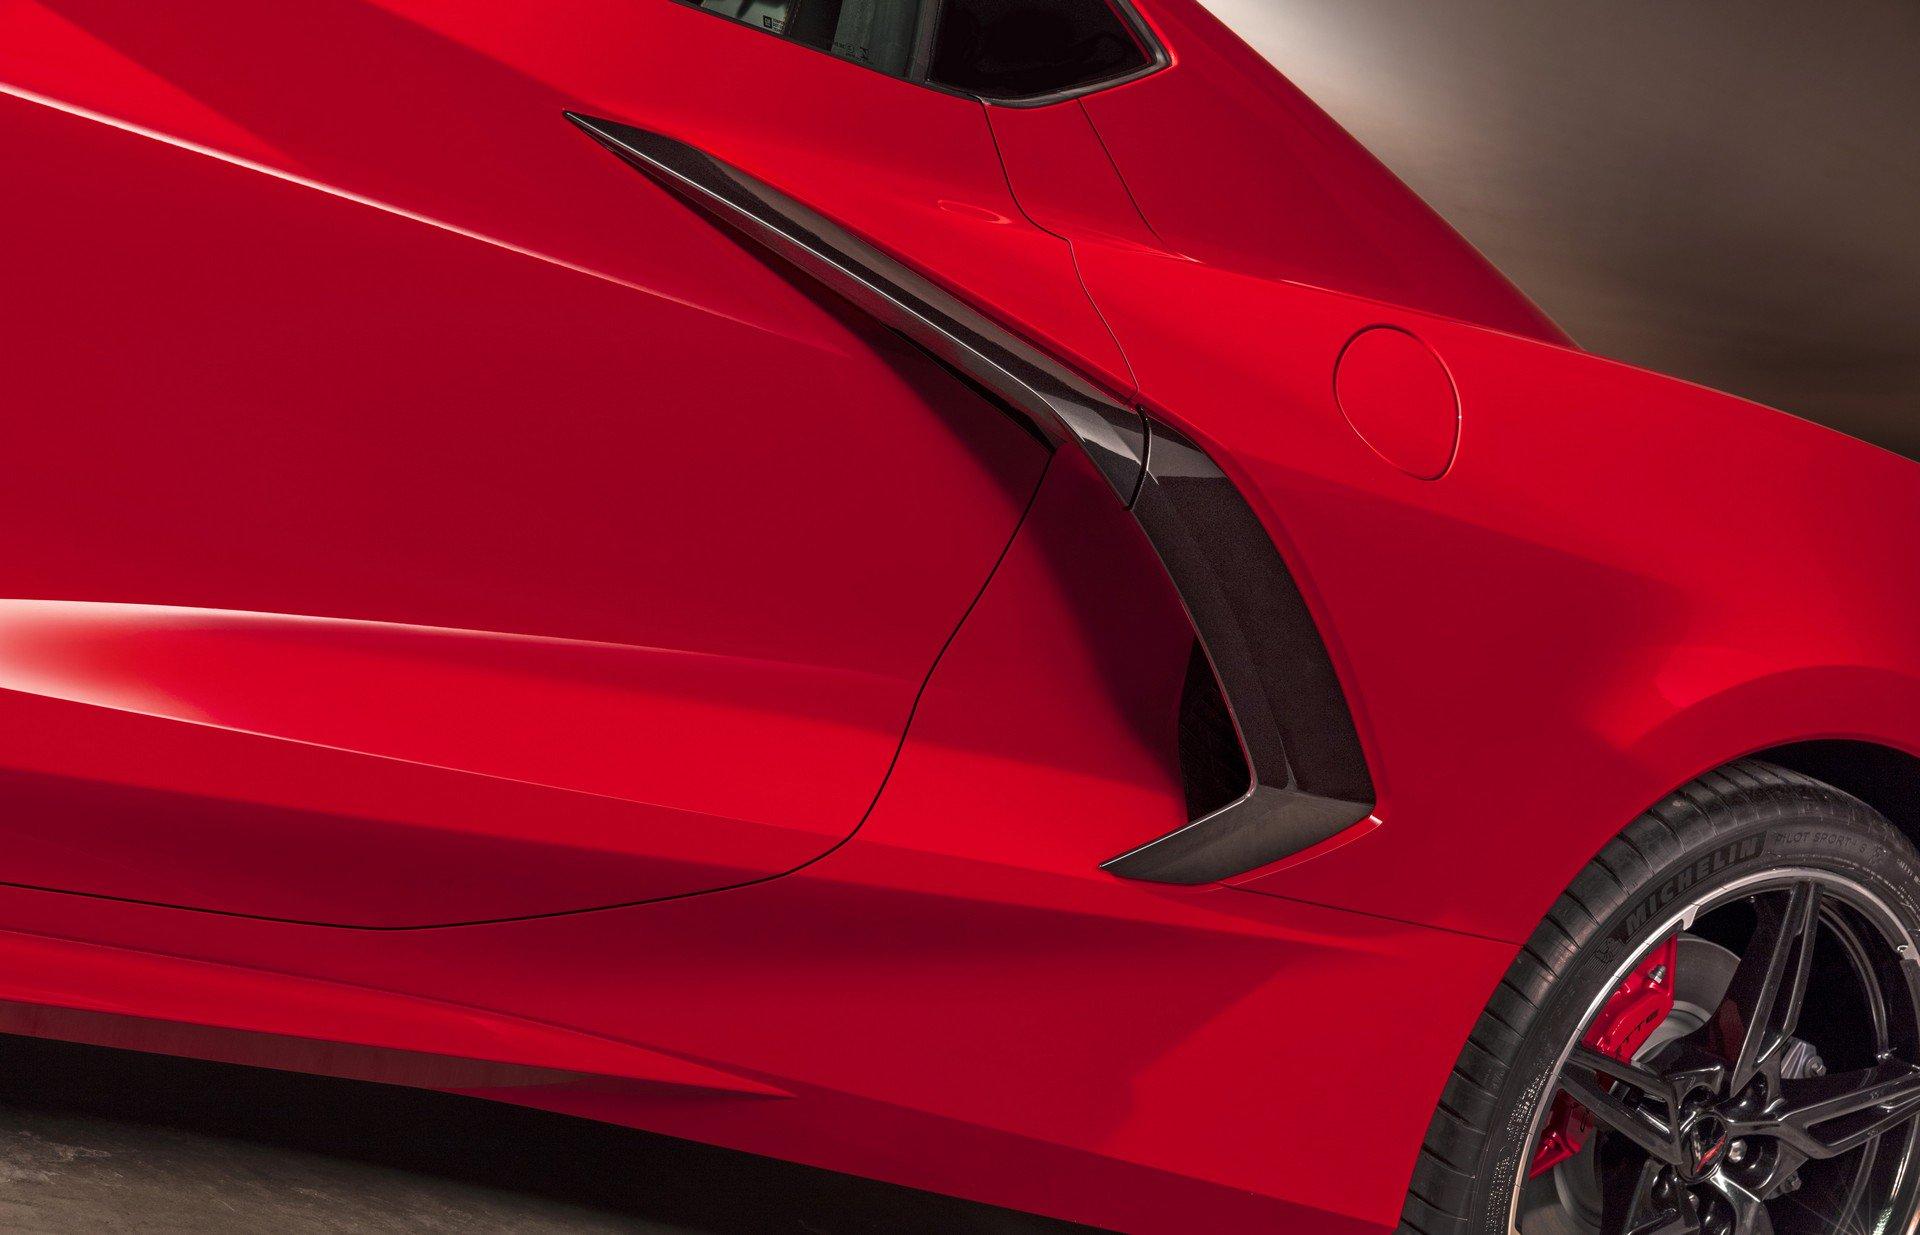 Chevrolet ra mắt Corvette C8 thế hệ mới thiết kế táo bạo, động cơ đặt giữa - 11